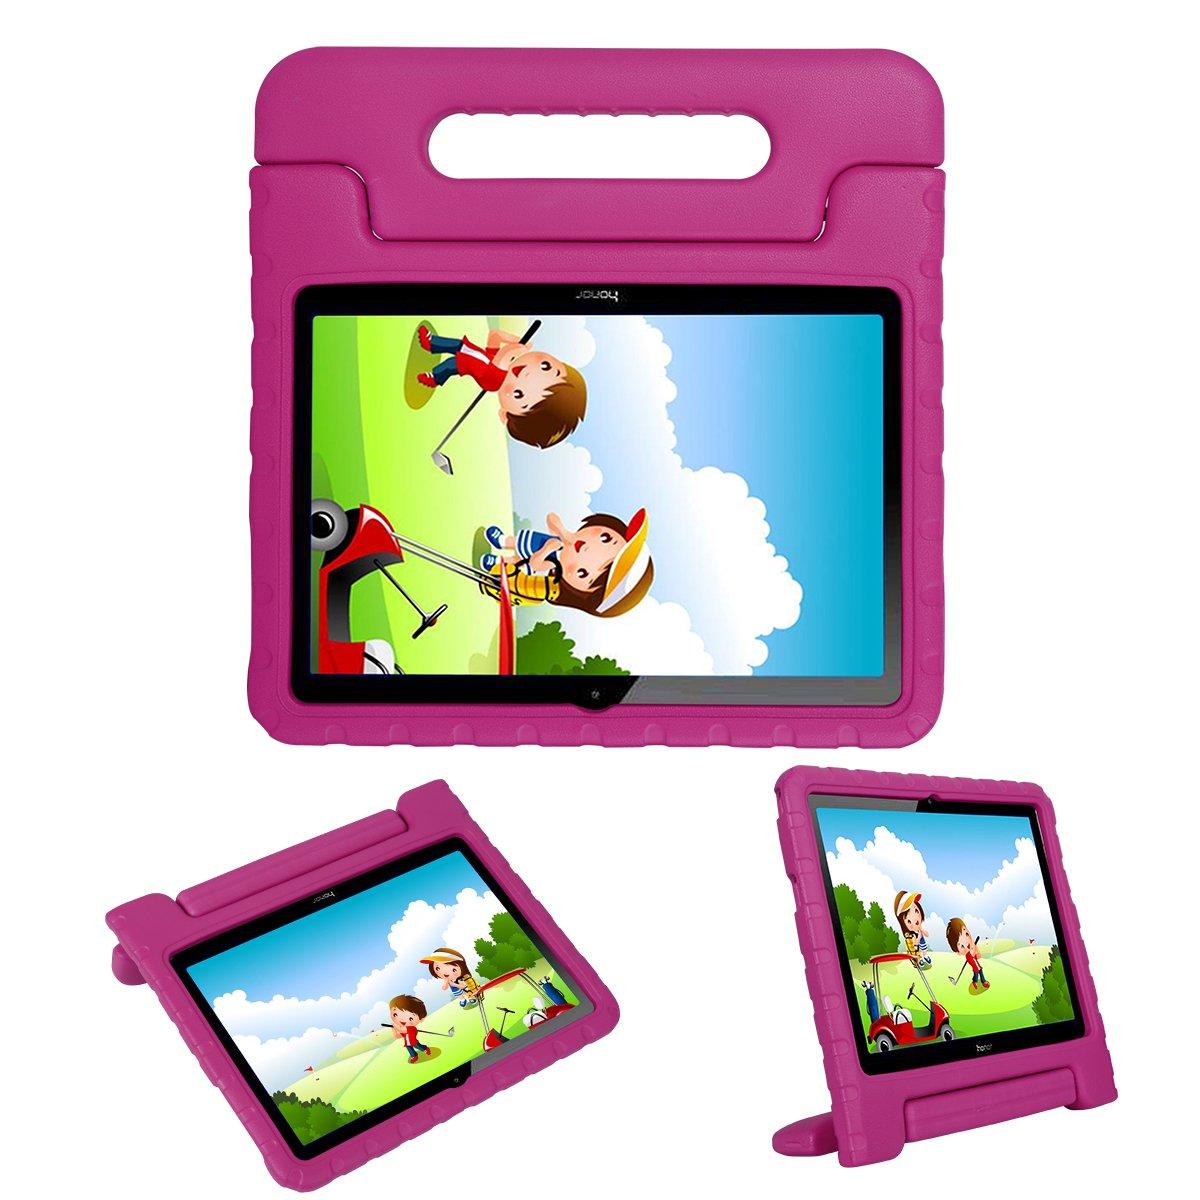 Funda con soporte I - original para niños para Huawei Honor Play Pad 2 y MediaPad T3 AGS-W09 de 9,6 pulgadas, de goma eva antigolpes, asa de ...